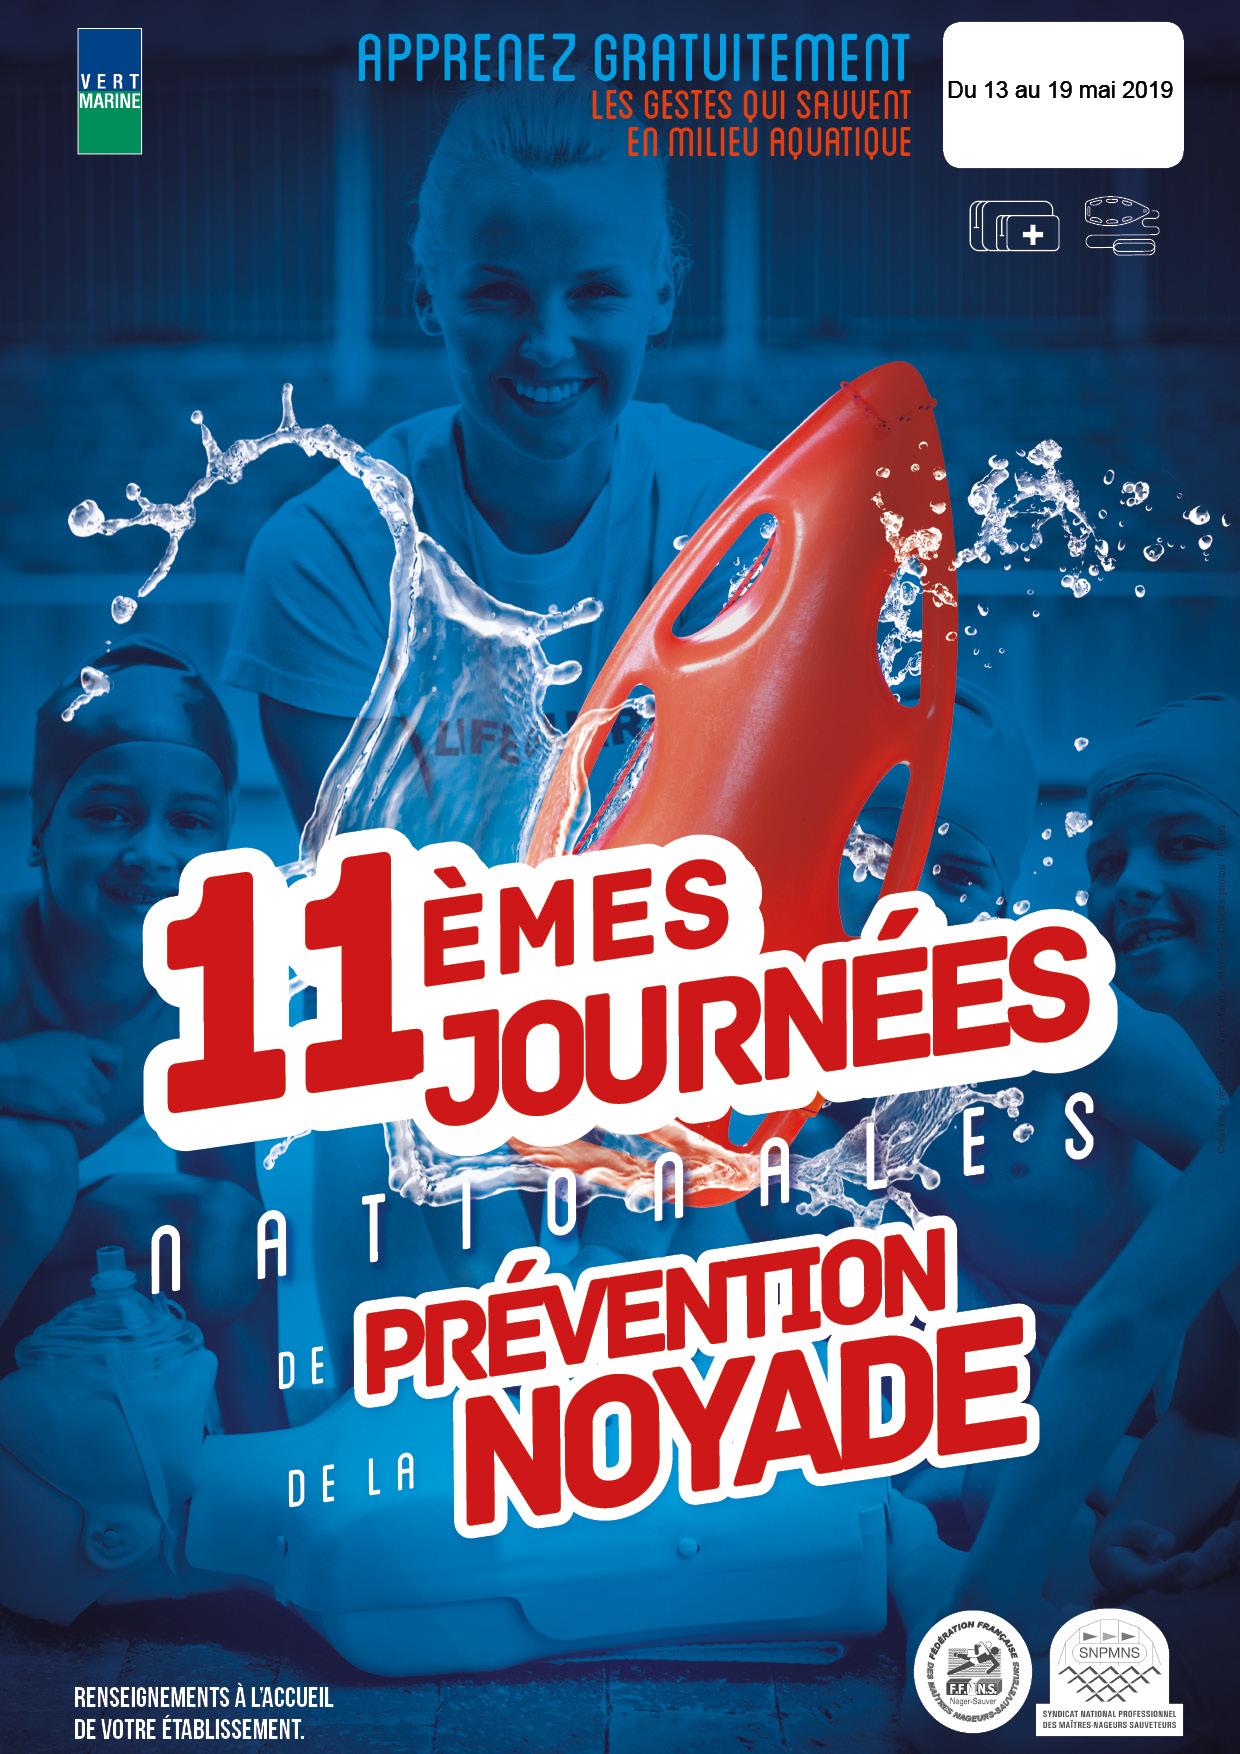 11e journées nationales de prévention de la noyade